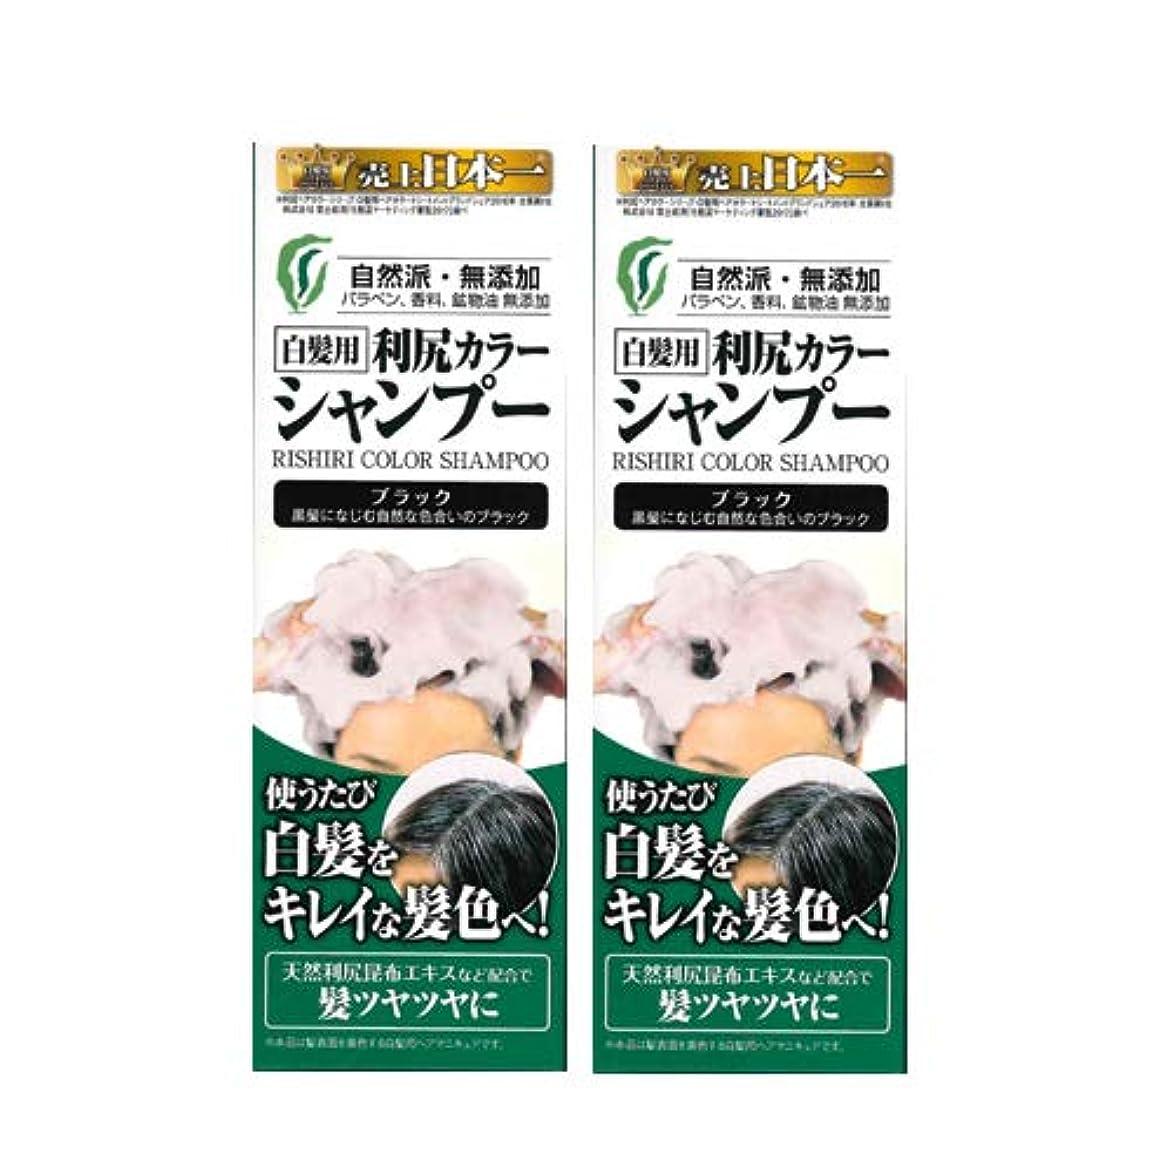 パラメータ群集ペダル利尻カラーシャンプー2本セット(ブラック)